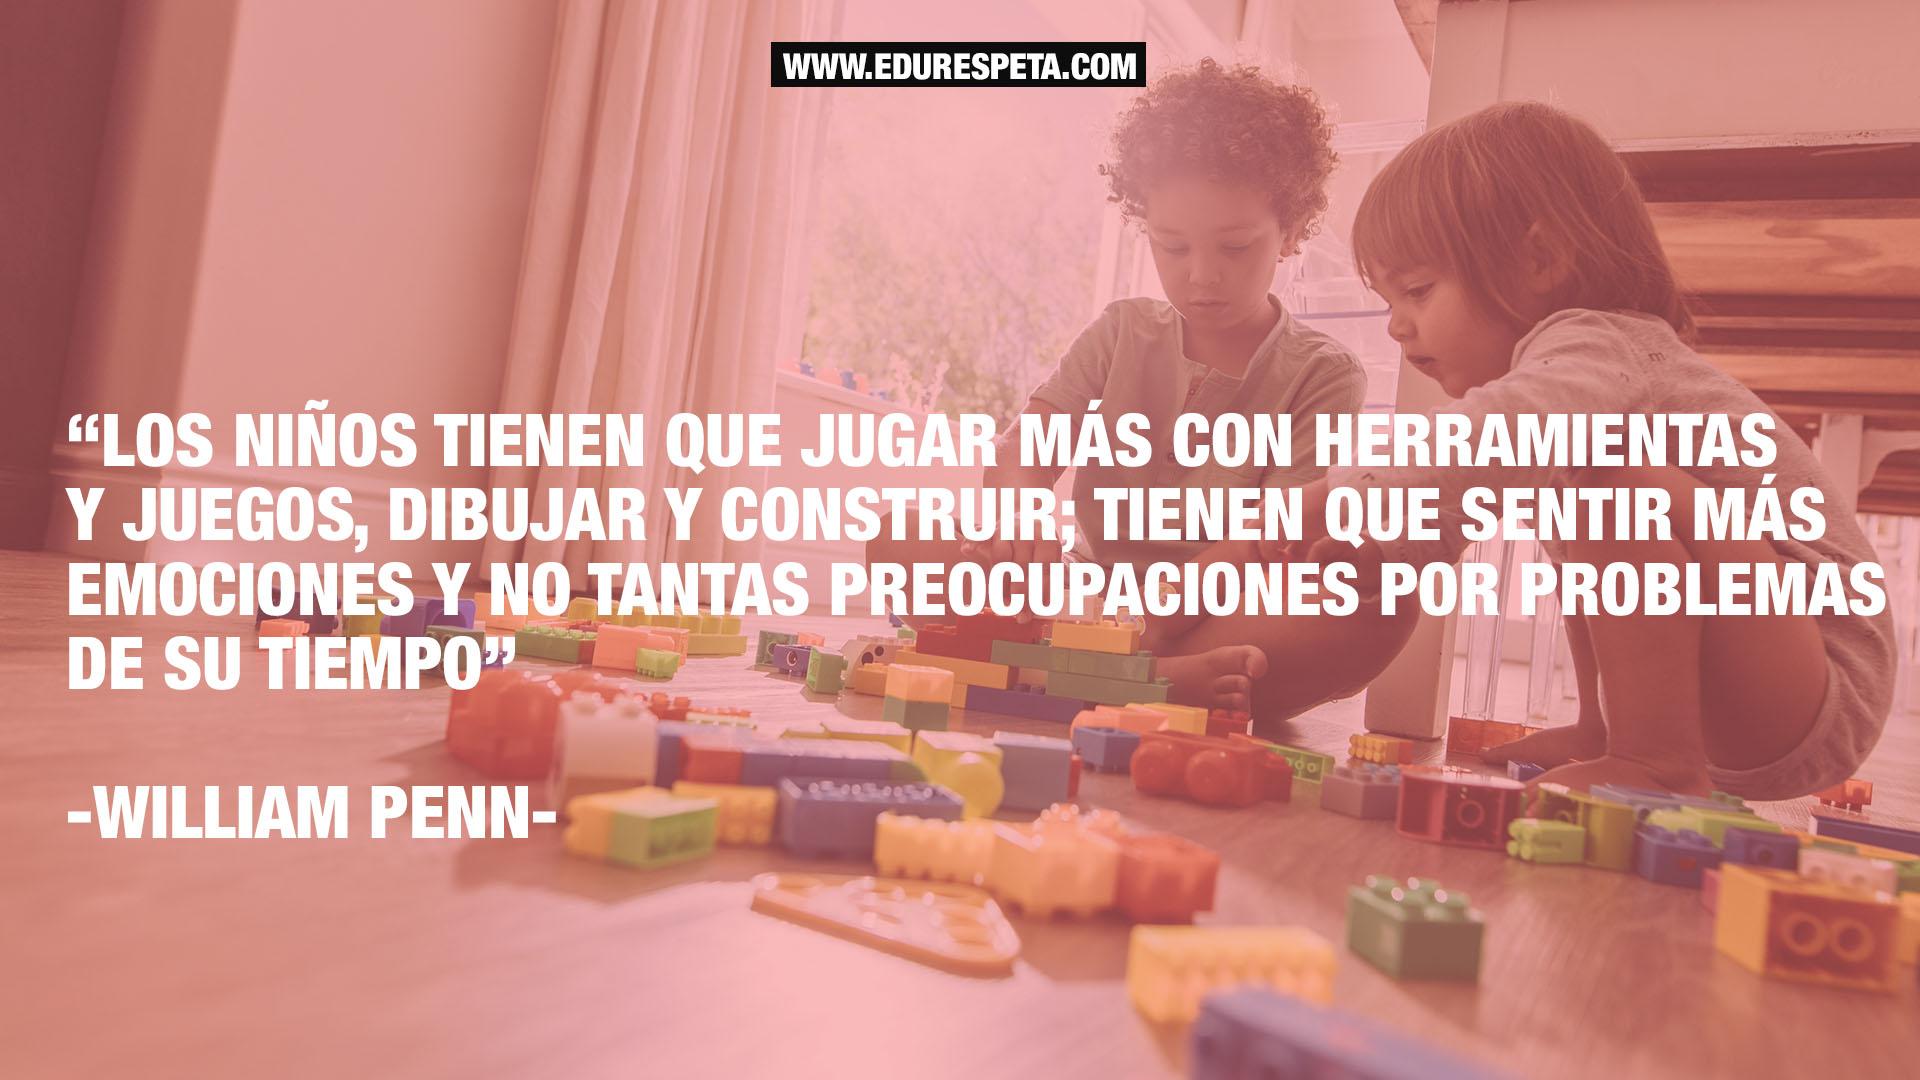 Los niños tienen que jugar más con herramientas y juegos, dibujar y construir; tienen que sentir más emociones y no tantas preocupaciones por problemas de su tiempo